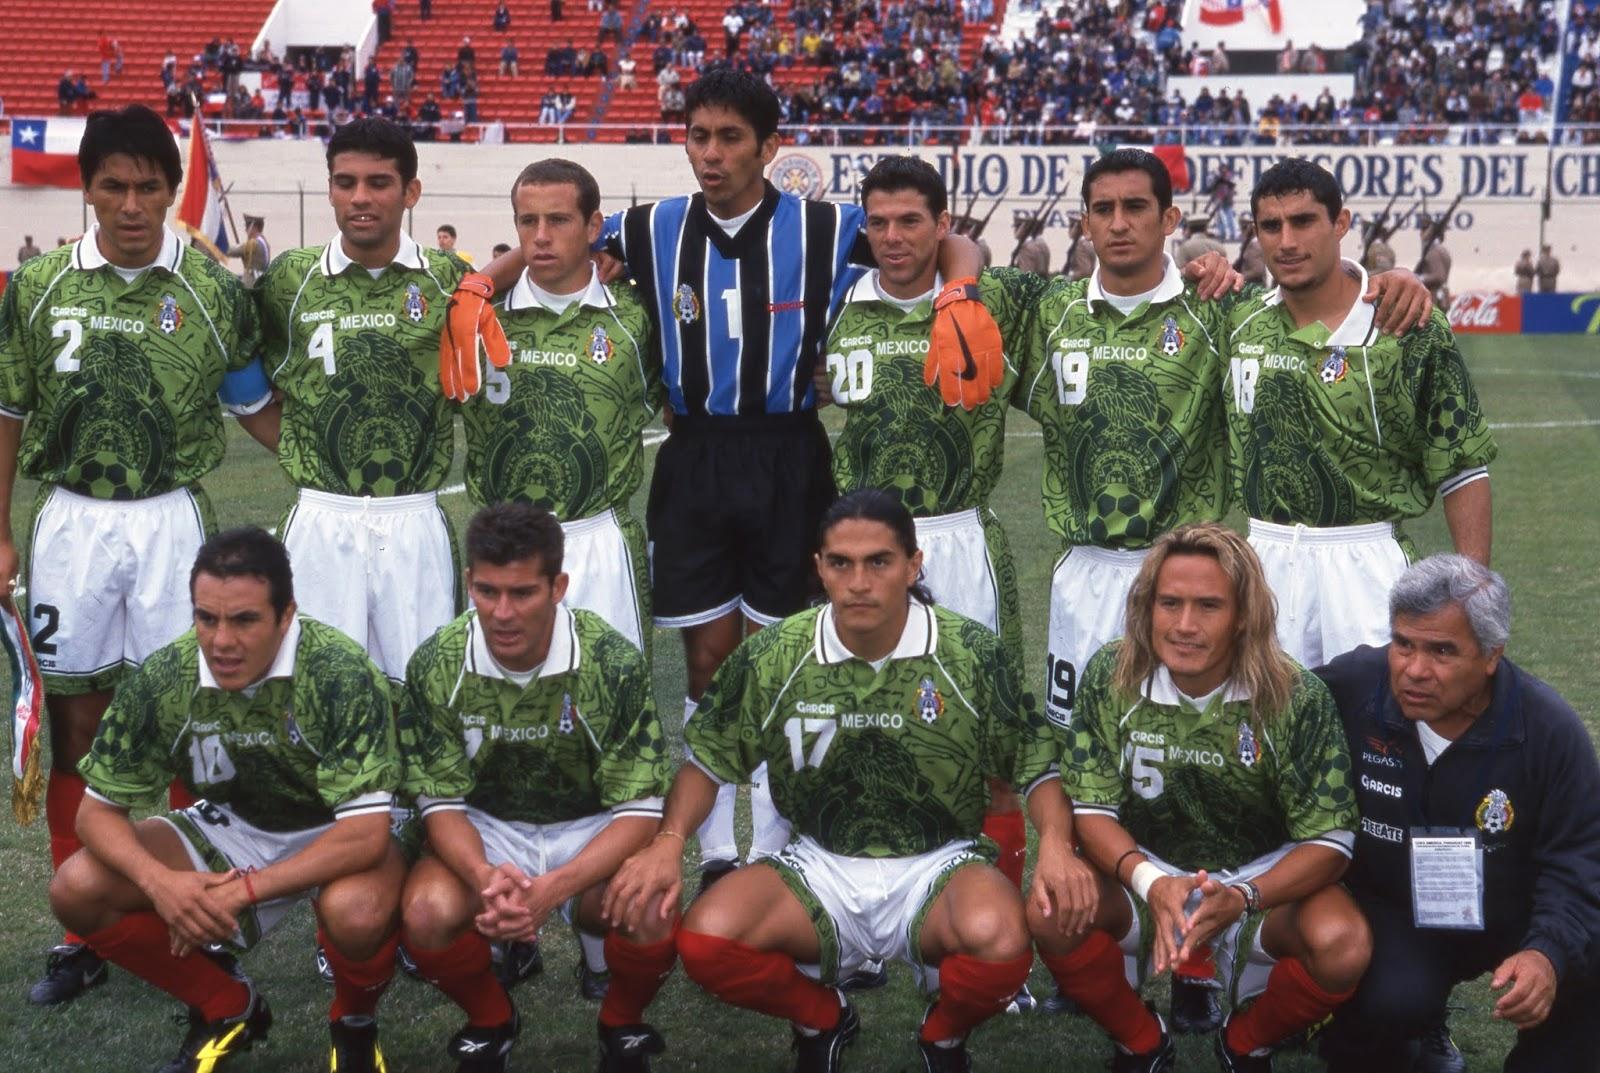 Formación de México ante Chile, Copa América 1999, 17 de julio